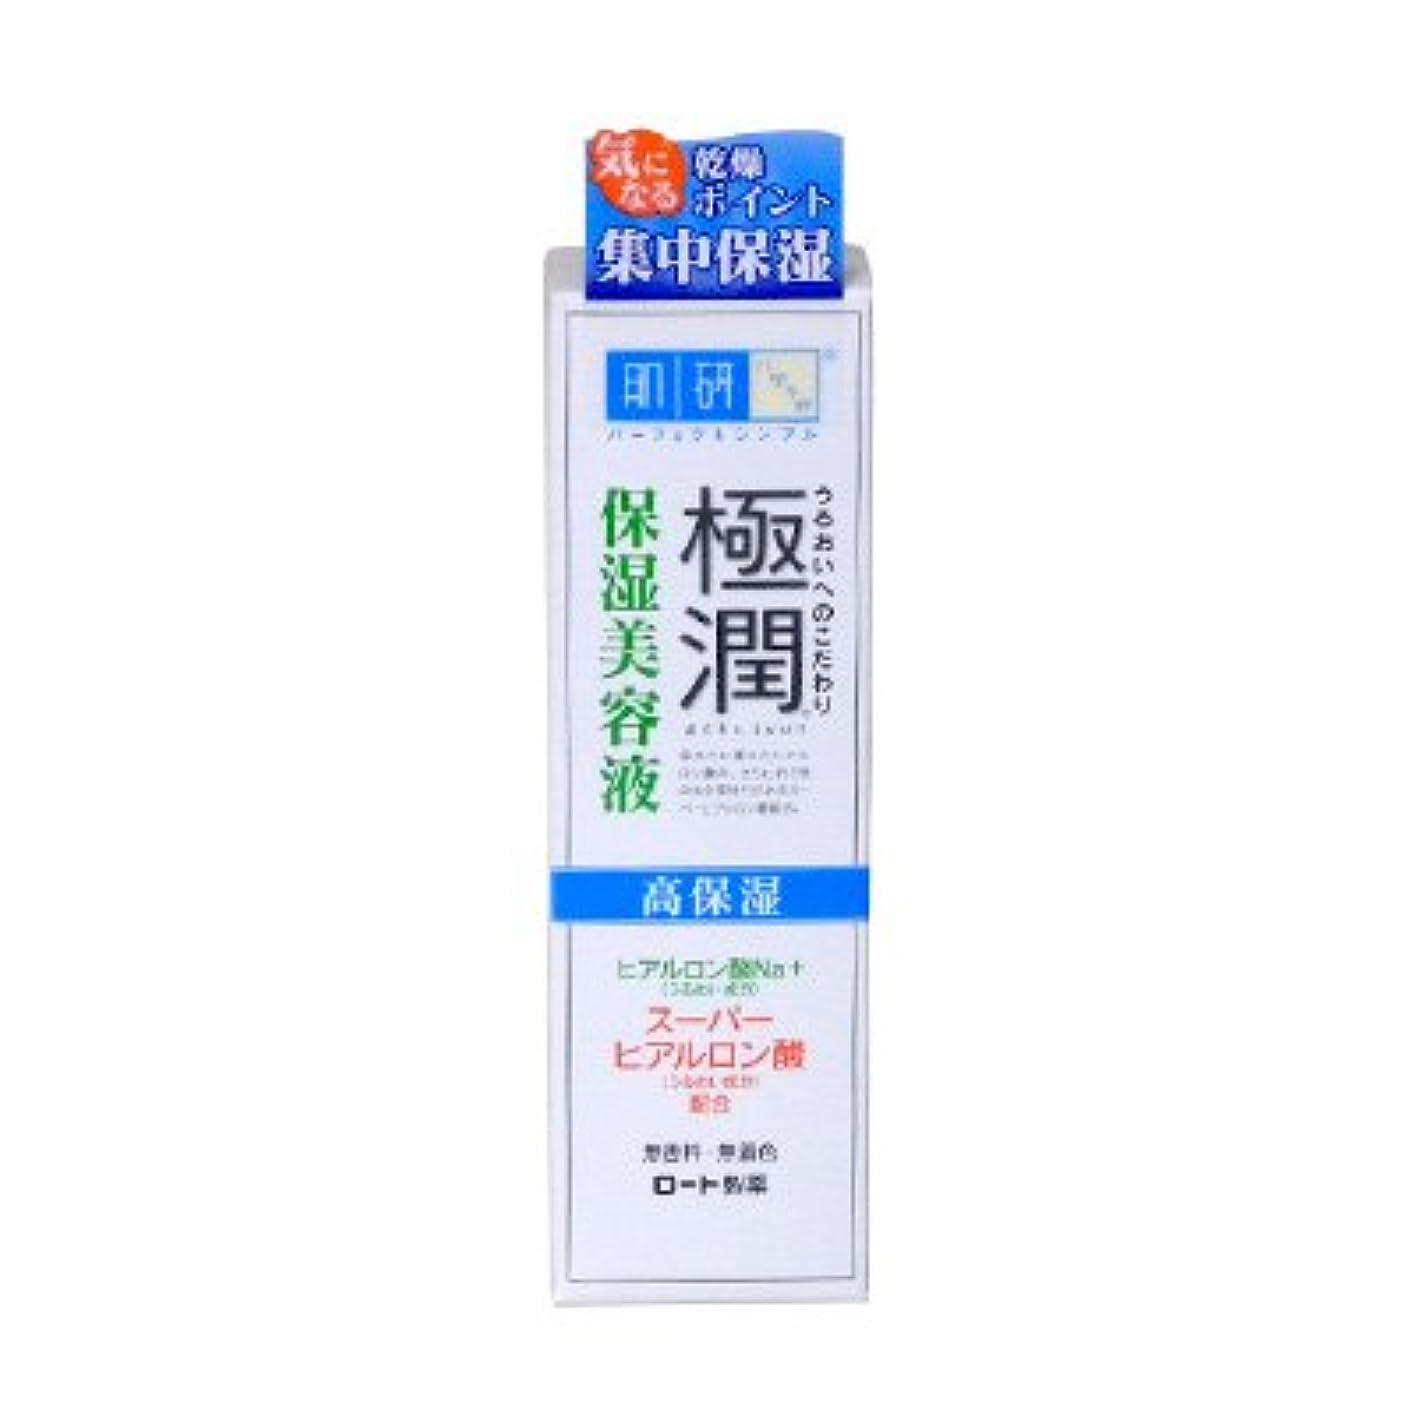 に対応する発掘する貪欲ロート製薬 ハダラボ 極潤 保湿美容液 30g